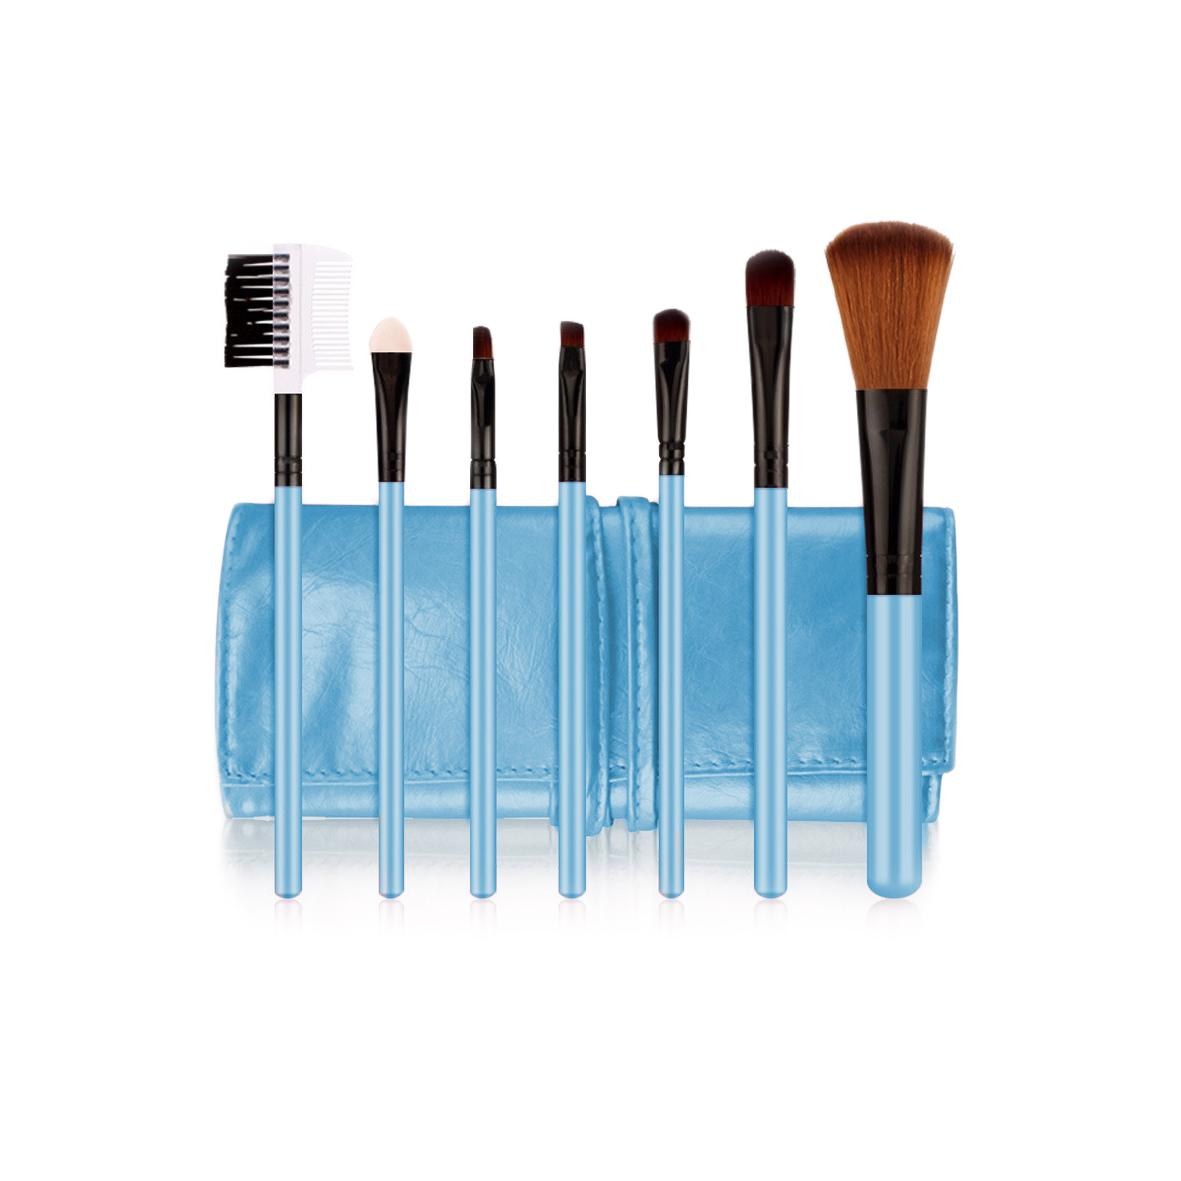 POSH Набор кистей для профессионального макияжа (волокно кинеколон), голубой кожаный чехол 7шт